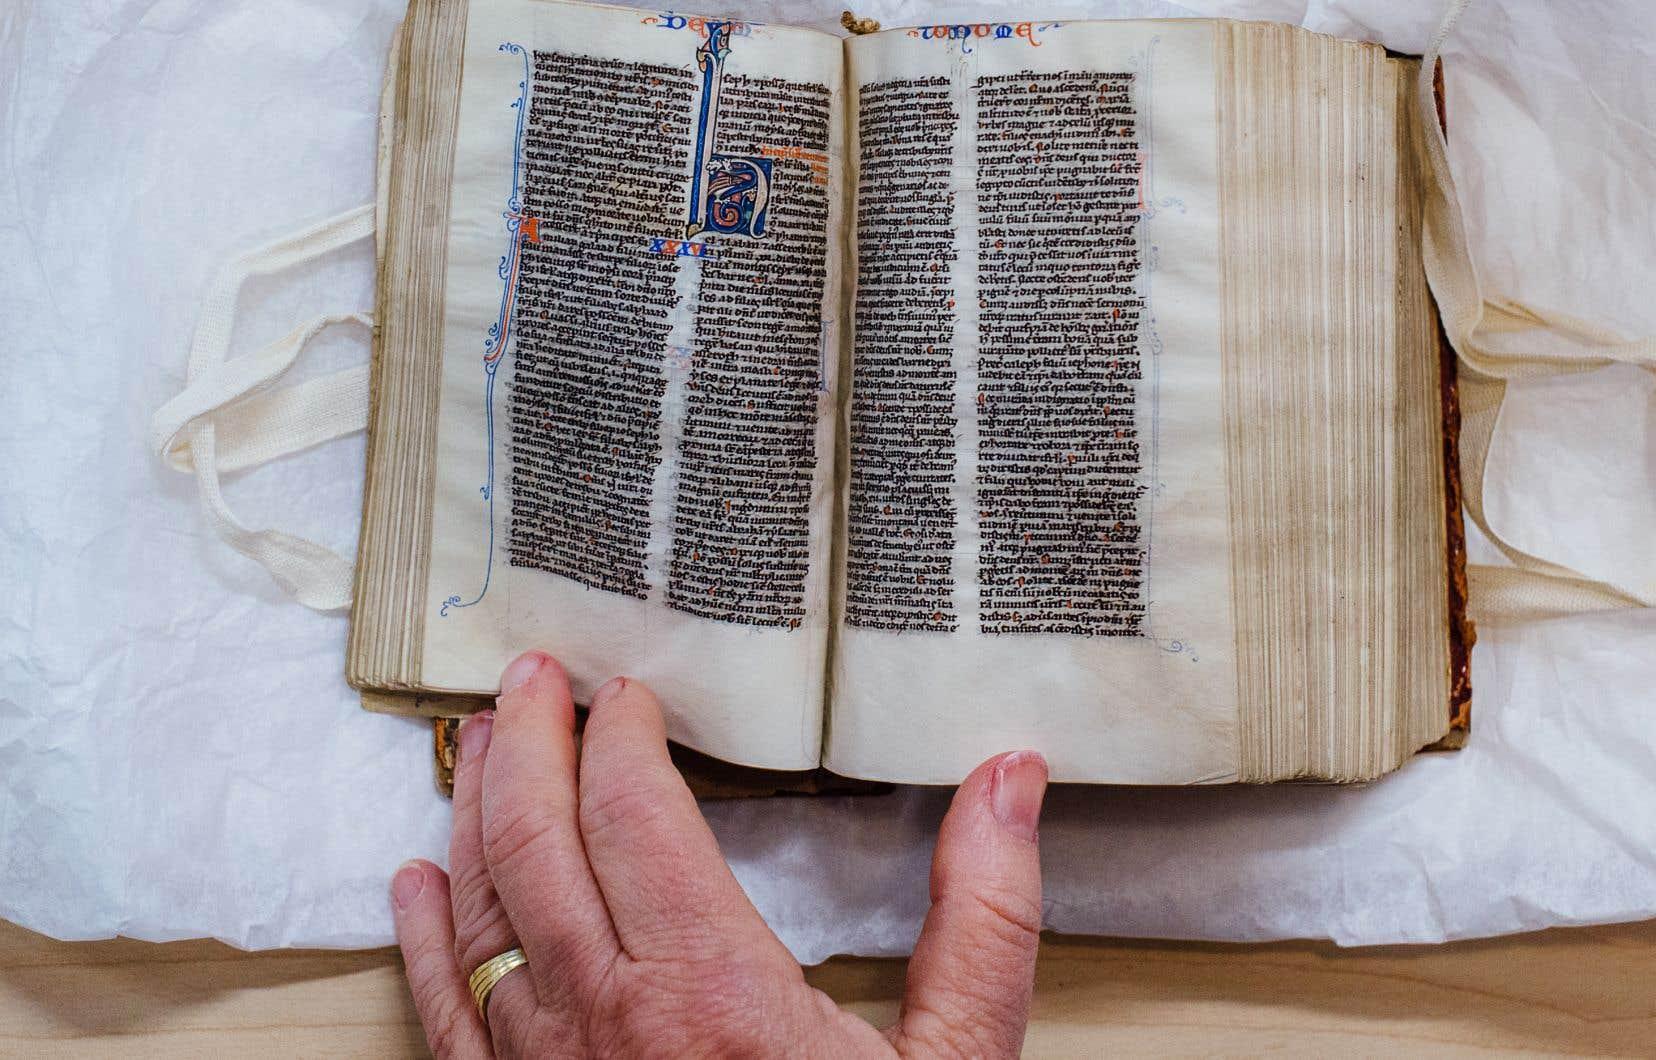 Détail des caractères et des enluminures d'un livre ancien